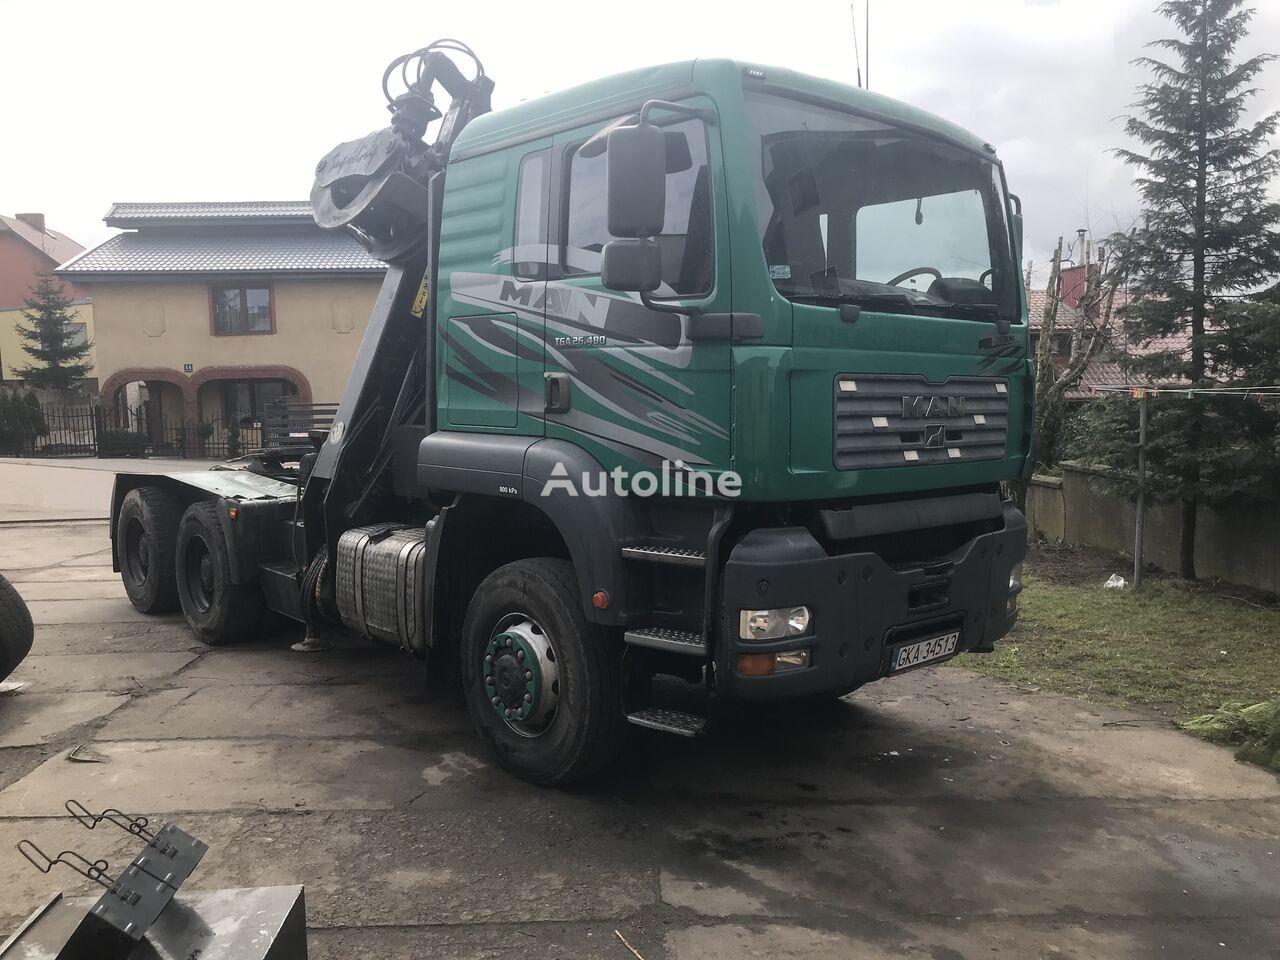 MAN Tga 26.480 6x6 timber truck